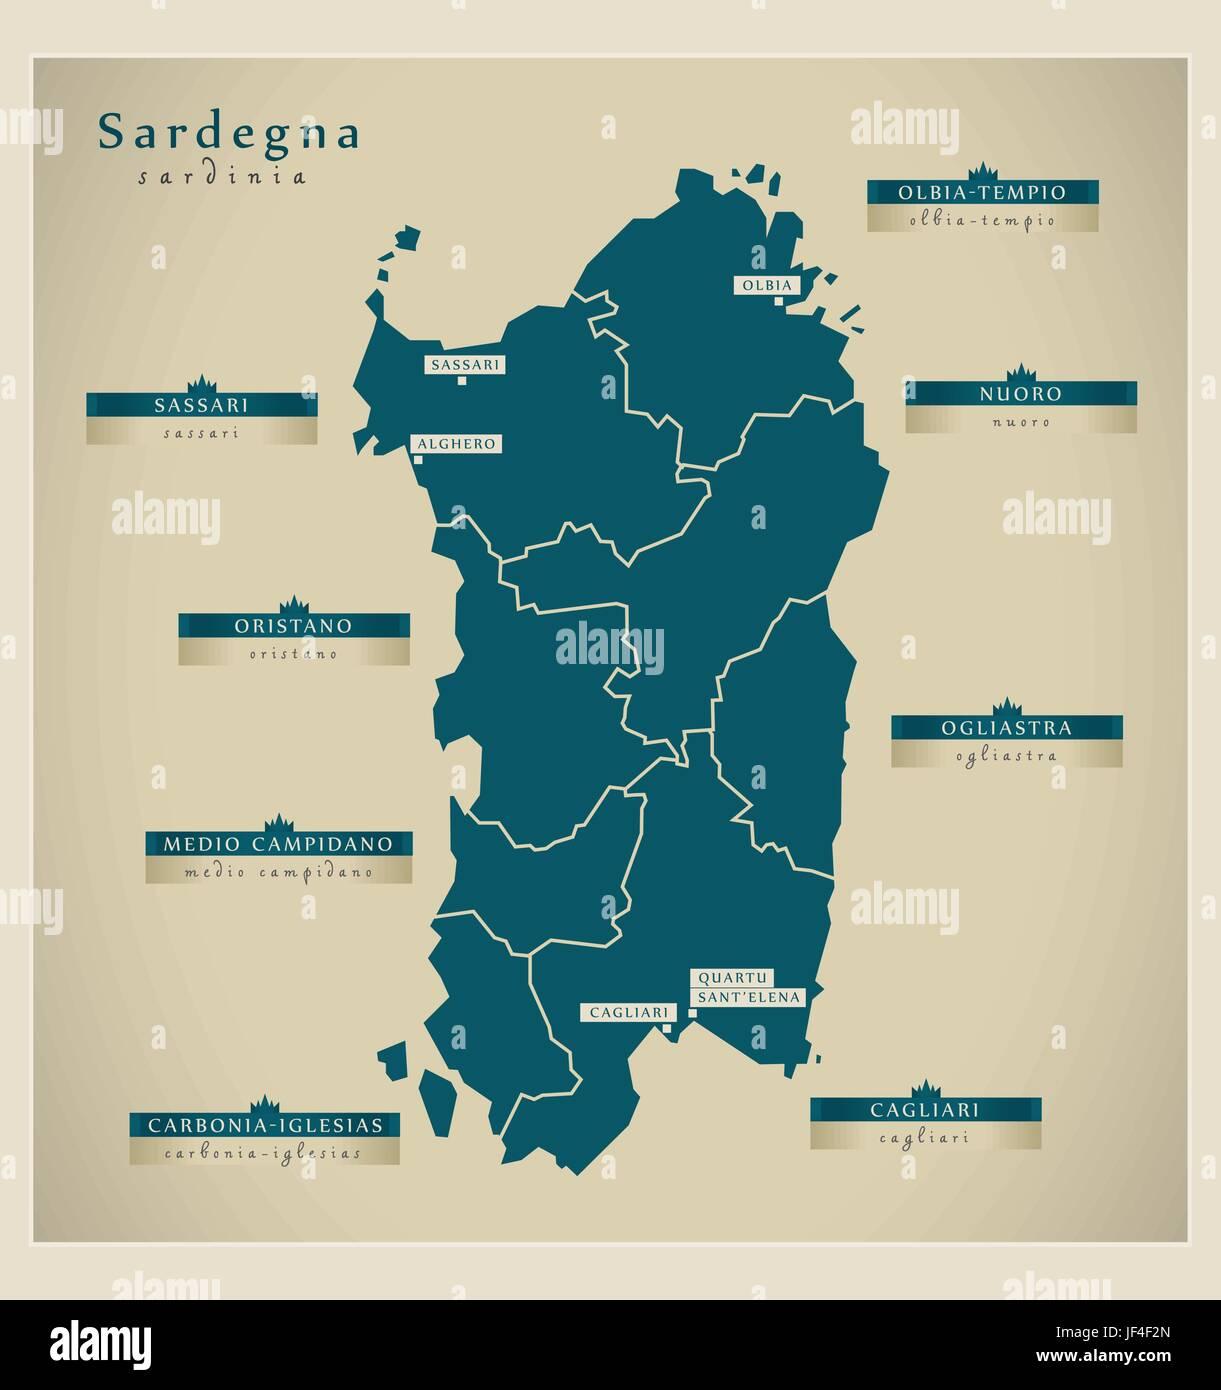 Cartina Sardegna Fiumi.Mappa Moderno Sardegna Immagine E Vettoriale Alamy